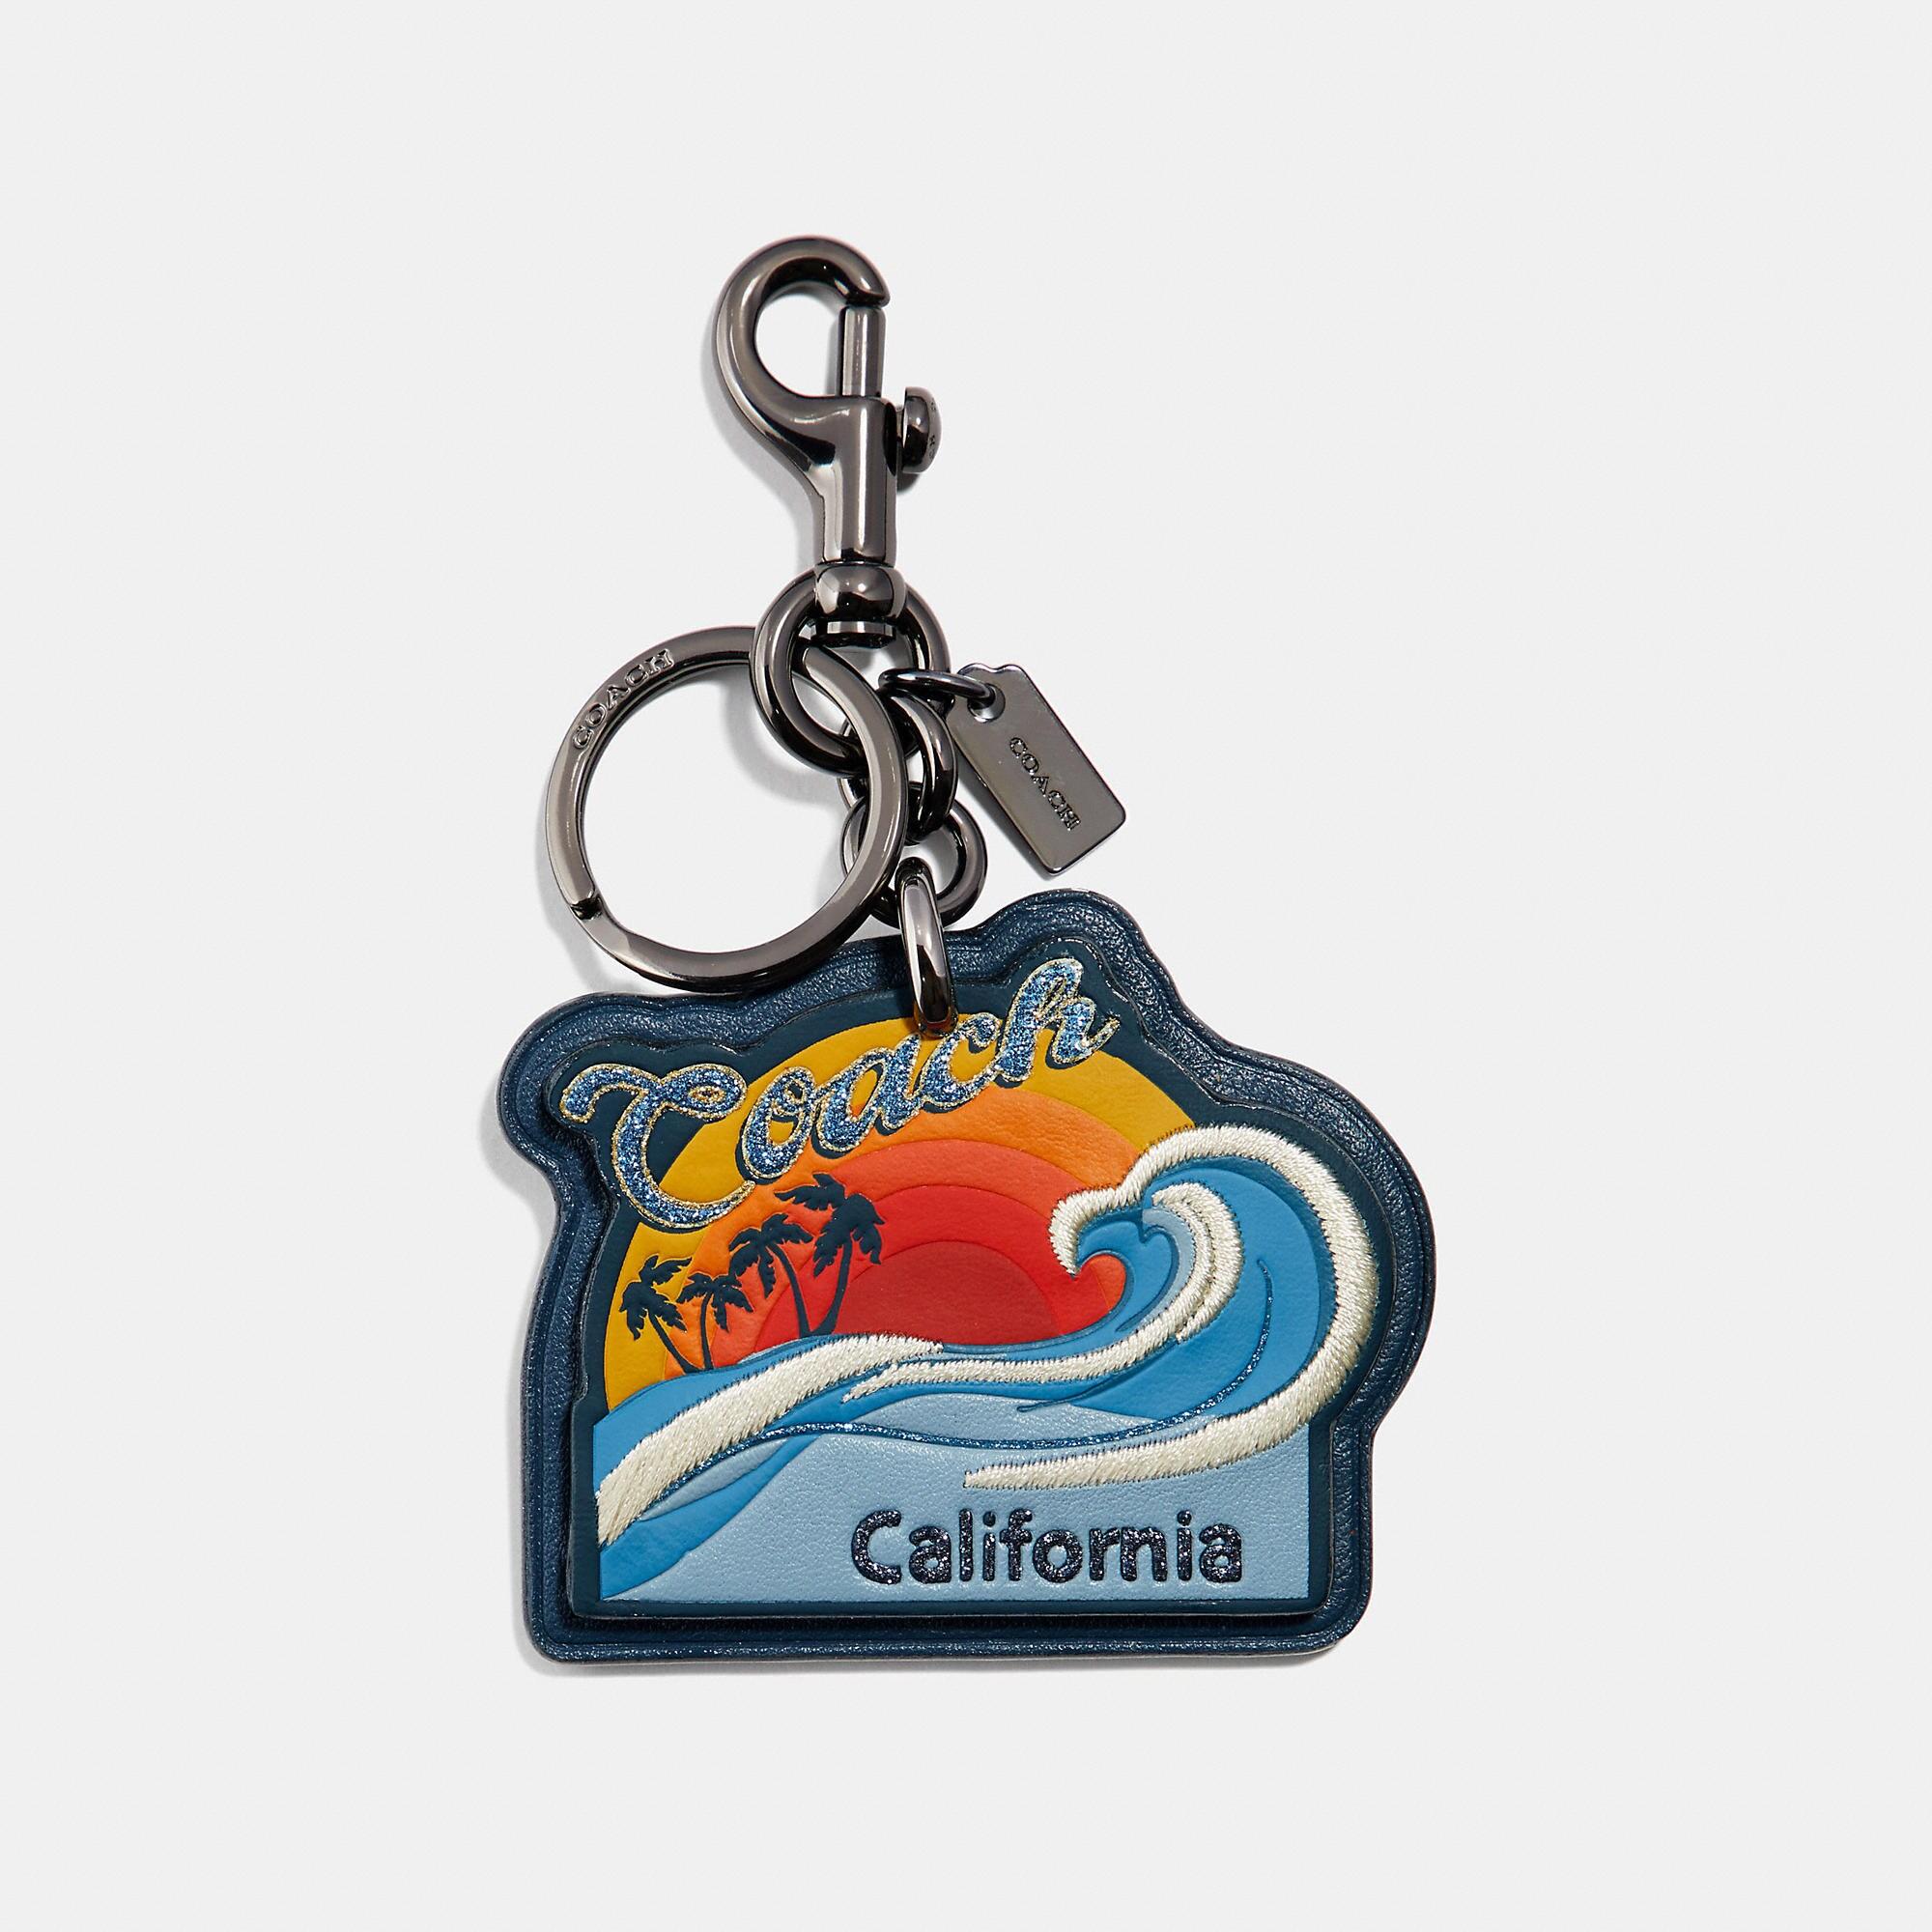 Coach California Bag Charm